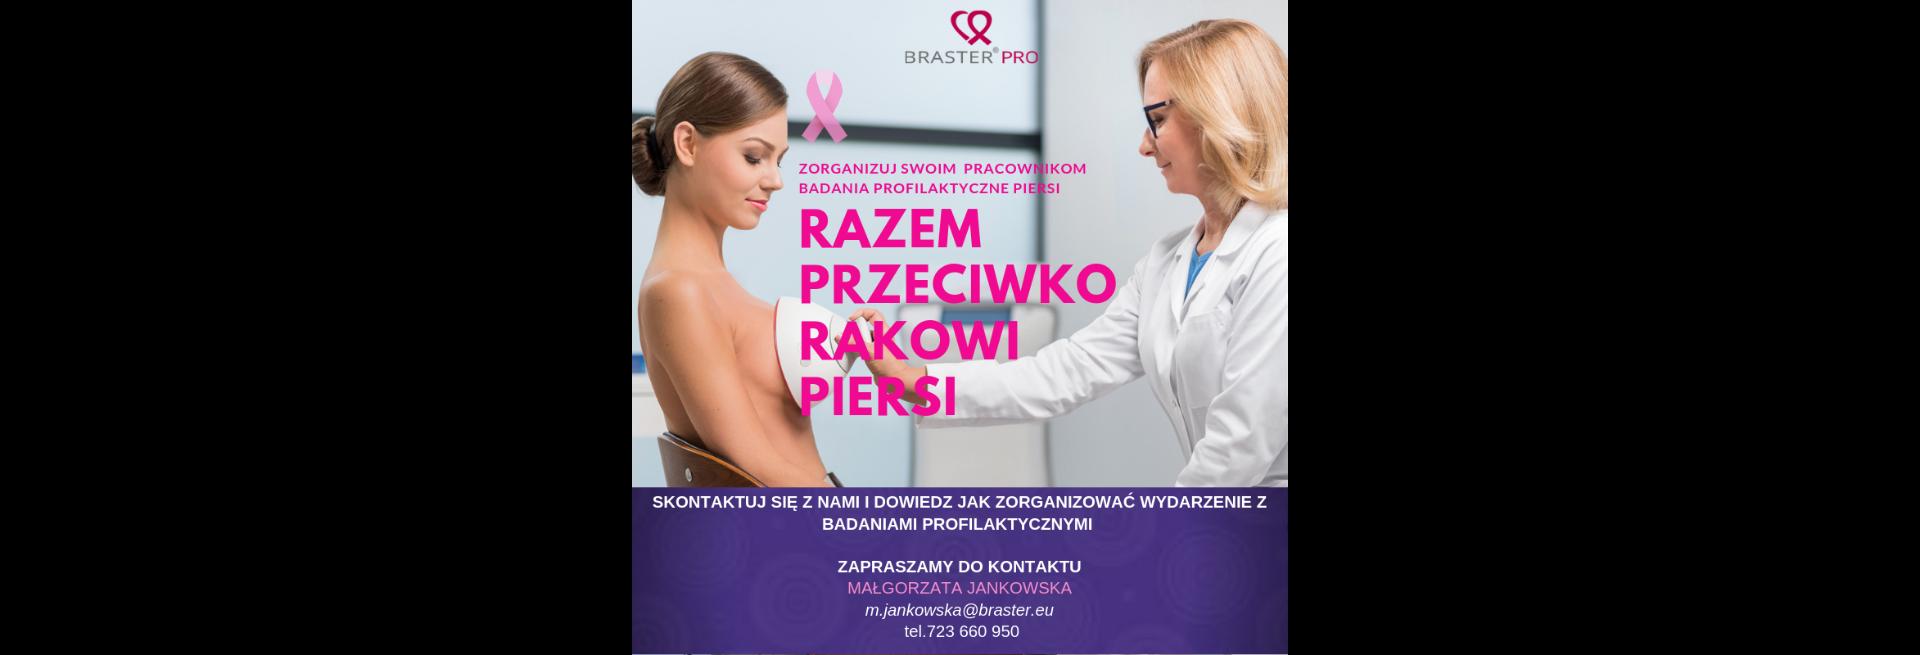 Razem przeciwko rakowi piersi